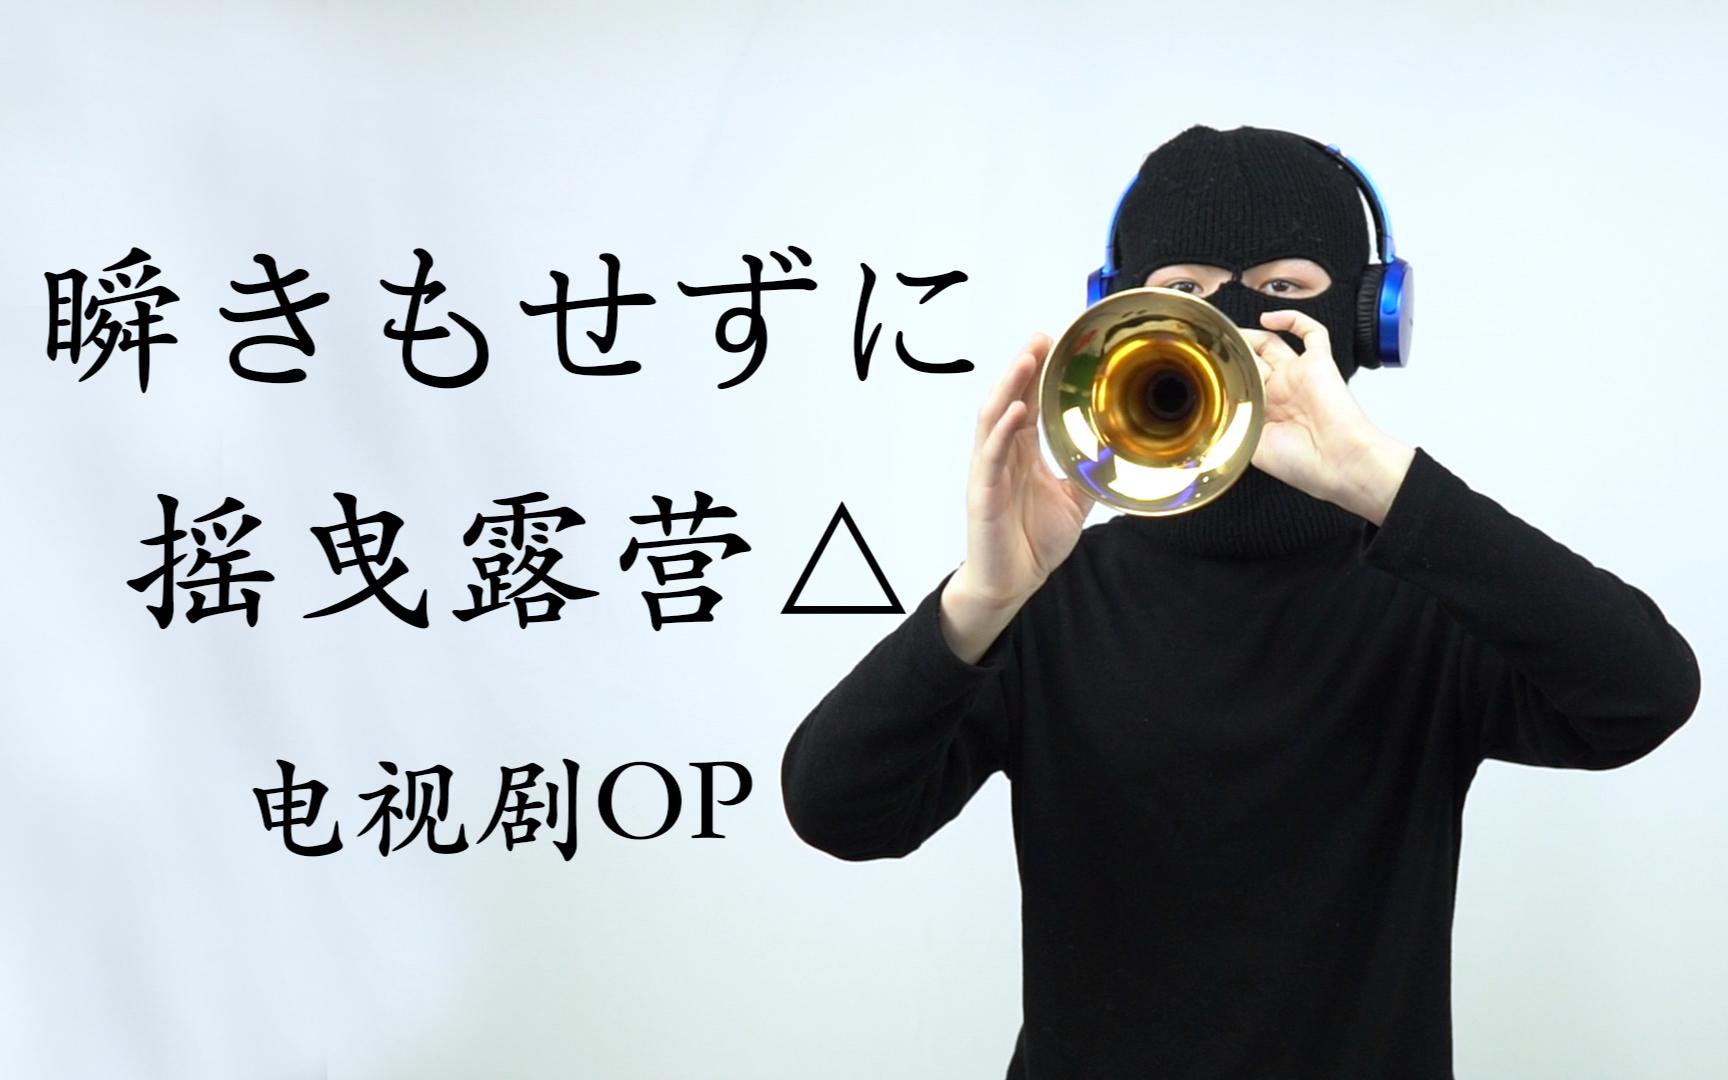 【唢呐】瞬きもせずに(霎眼之间)【摇曳露营△电视剧OP主题曲】